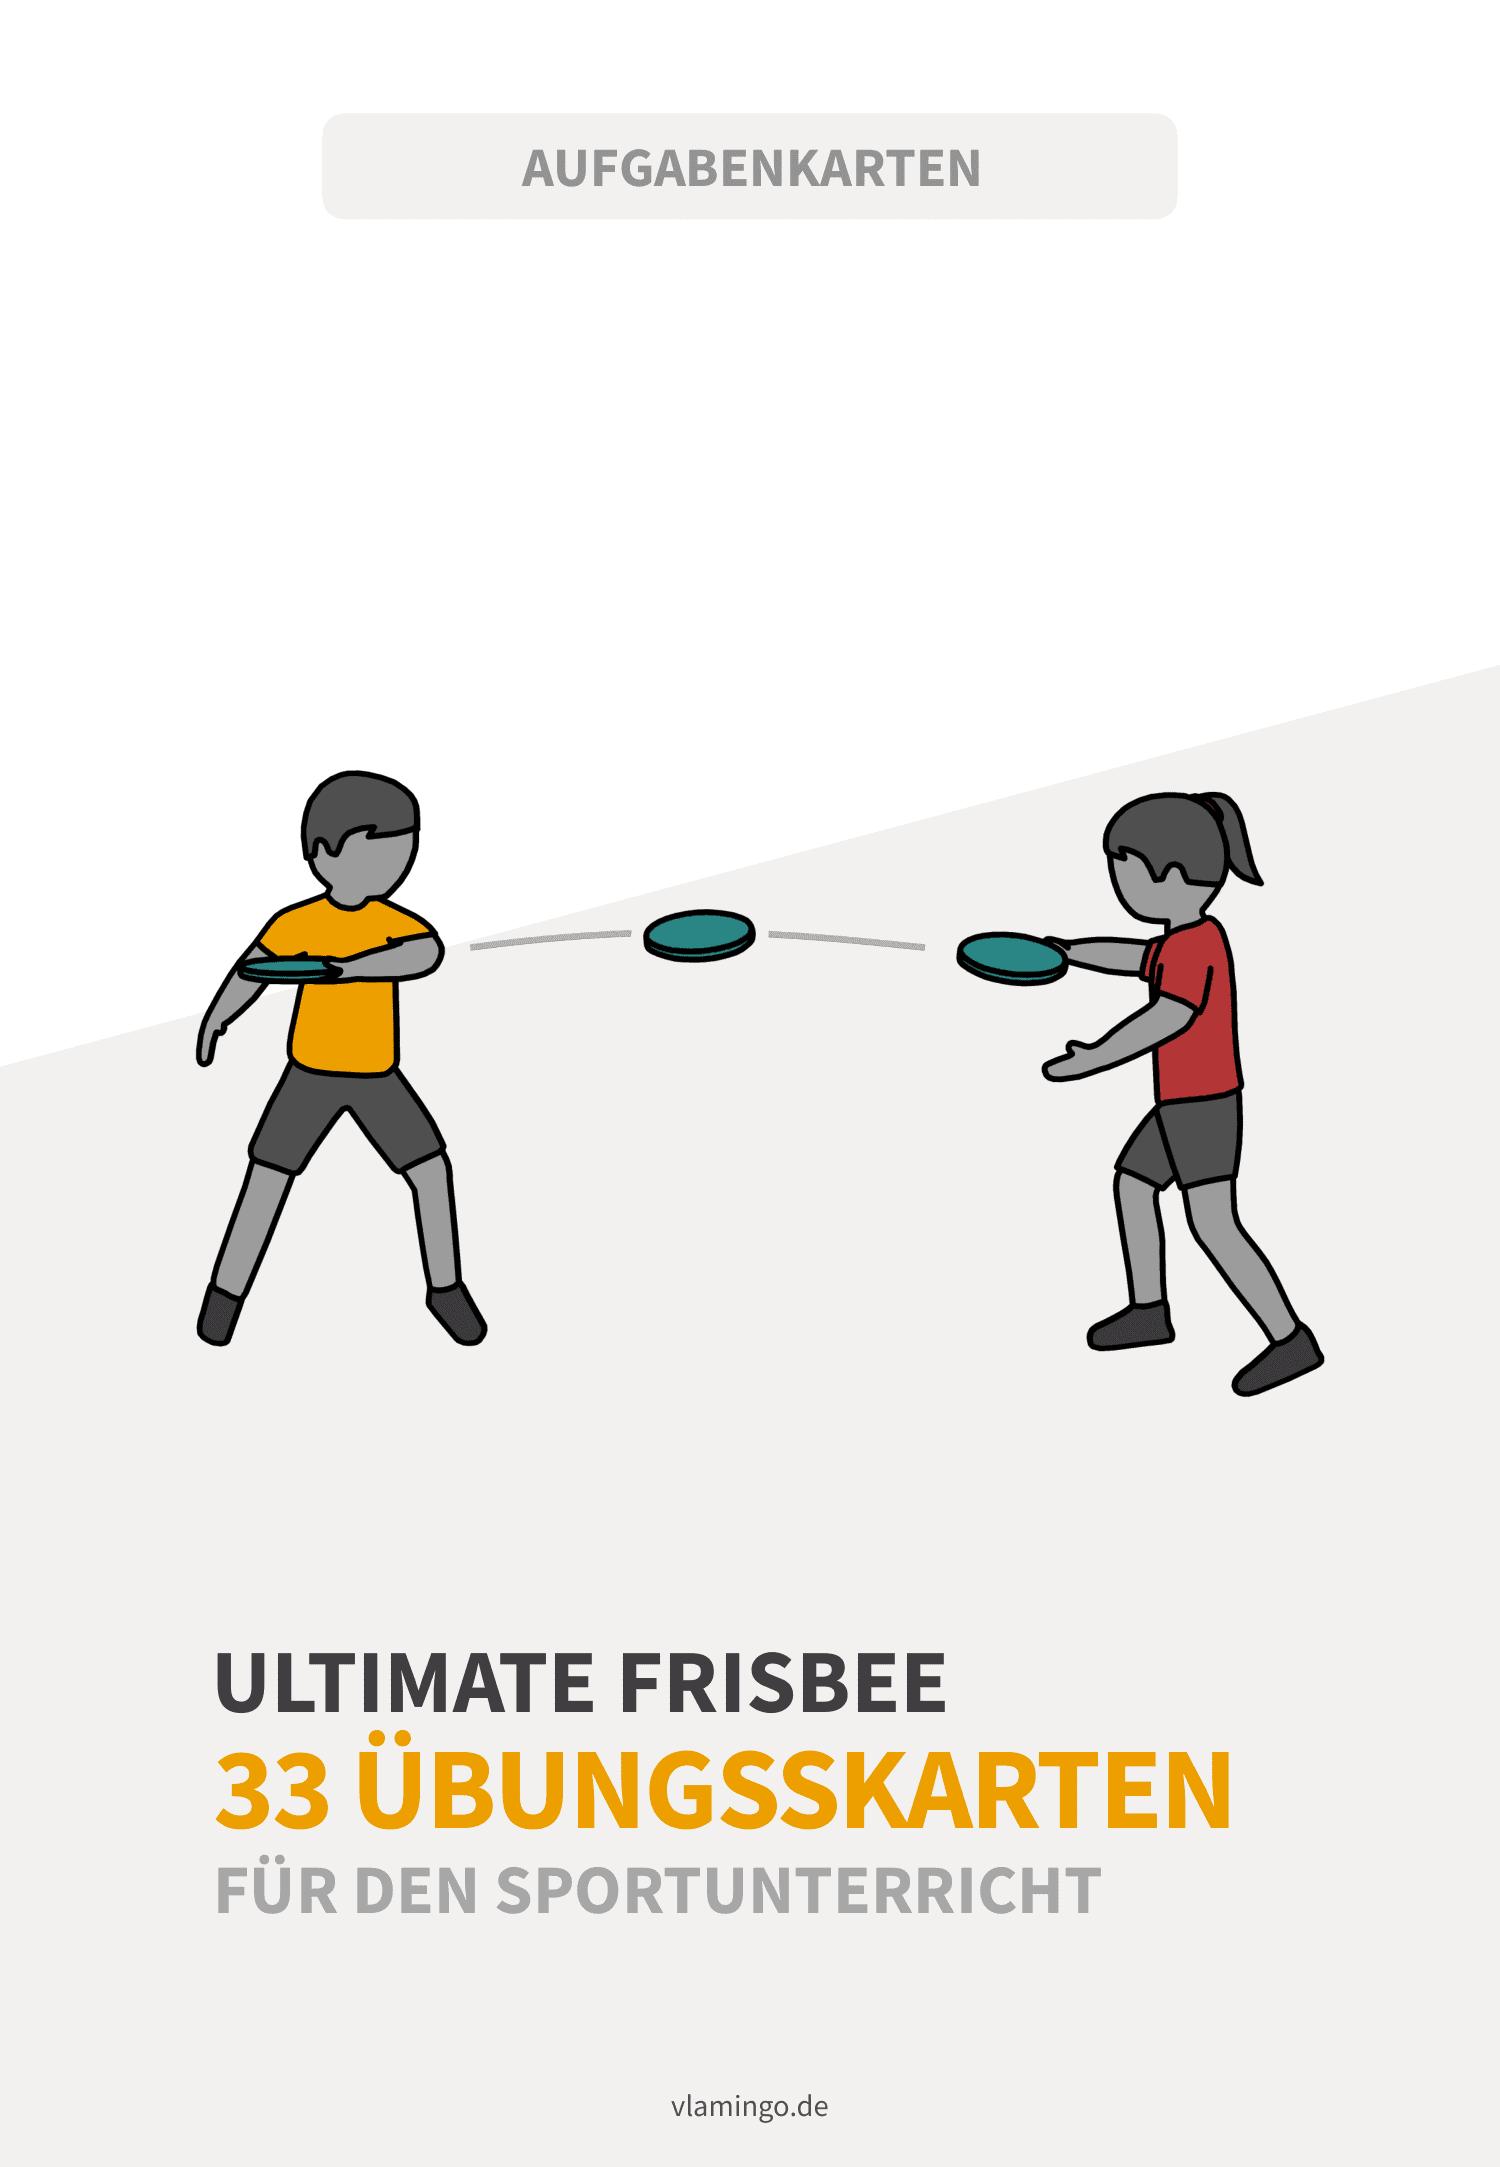 Frisbee - 33 Übungskarten für den Sportunterricht